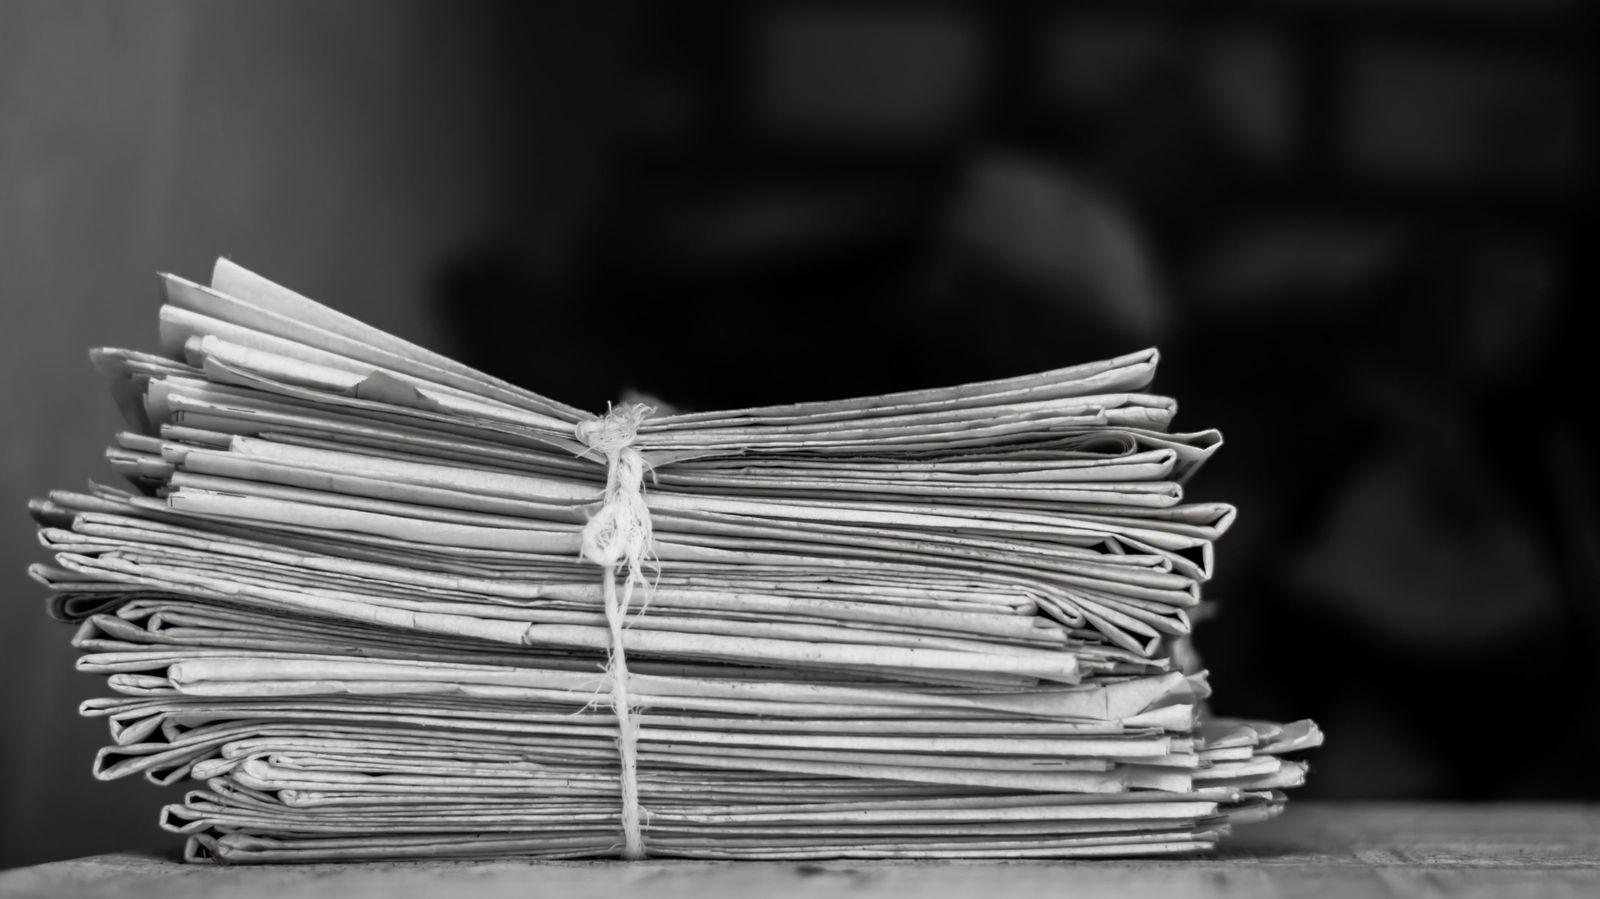 部数減でも日本の新聞社に「危機感がない」ワケ 「不動産屋」の記者には緊張感もない